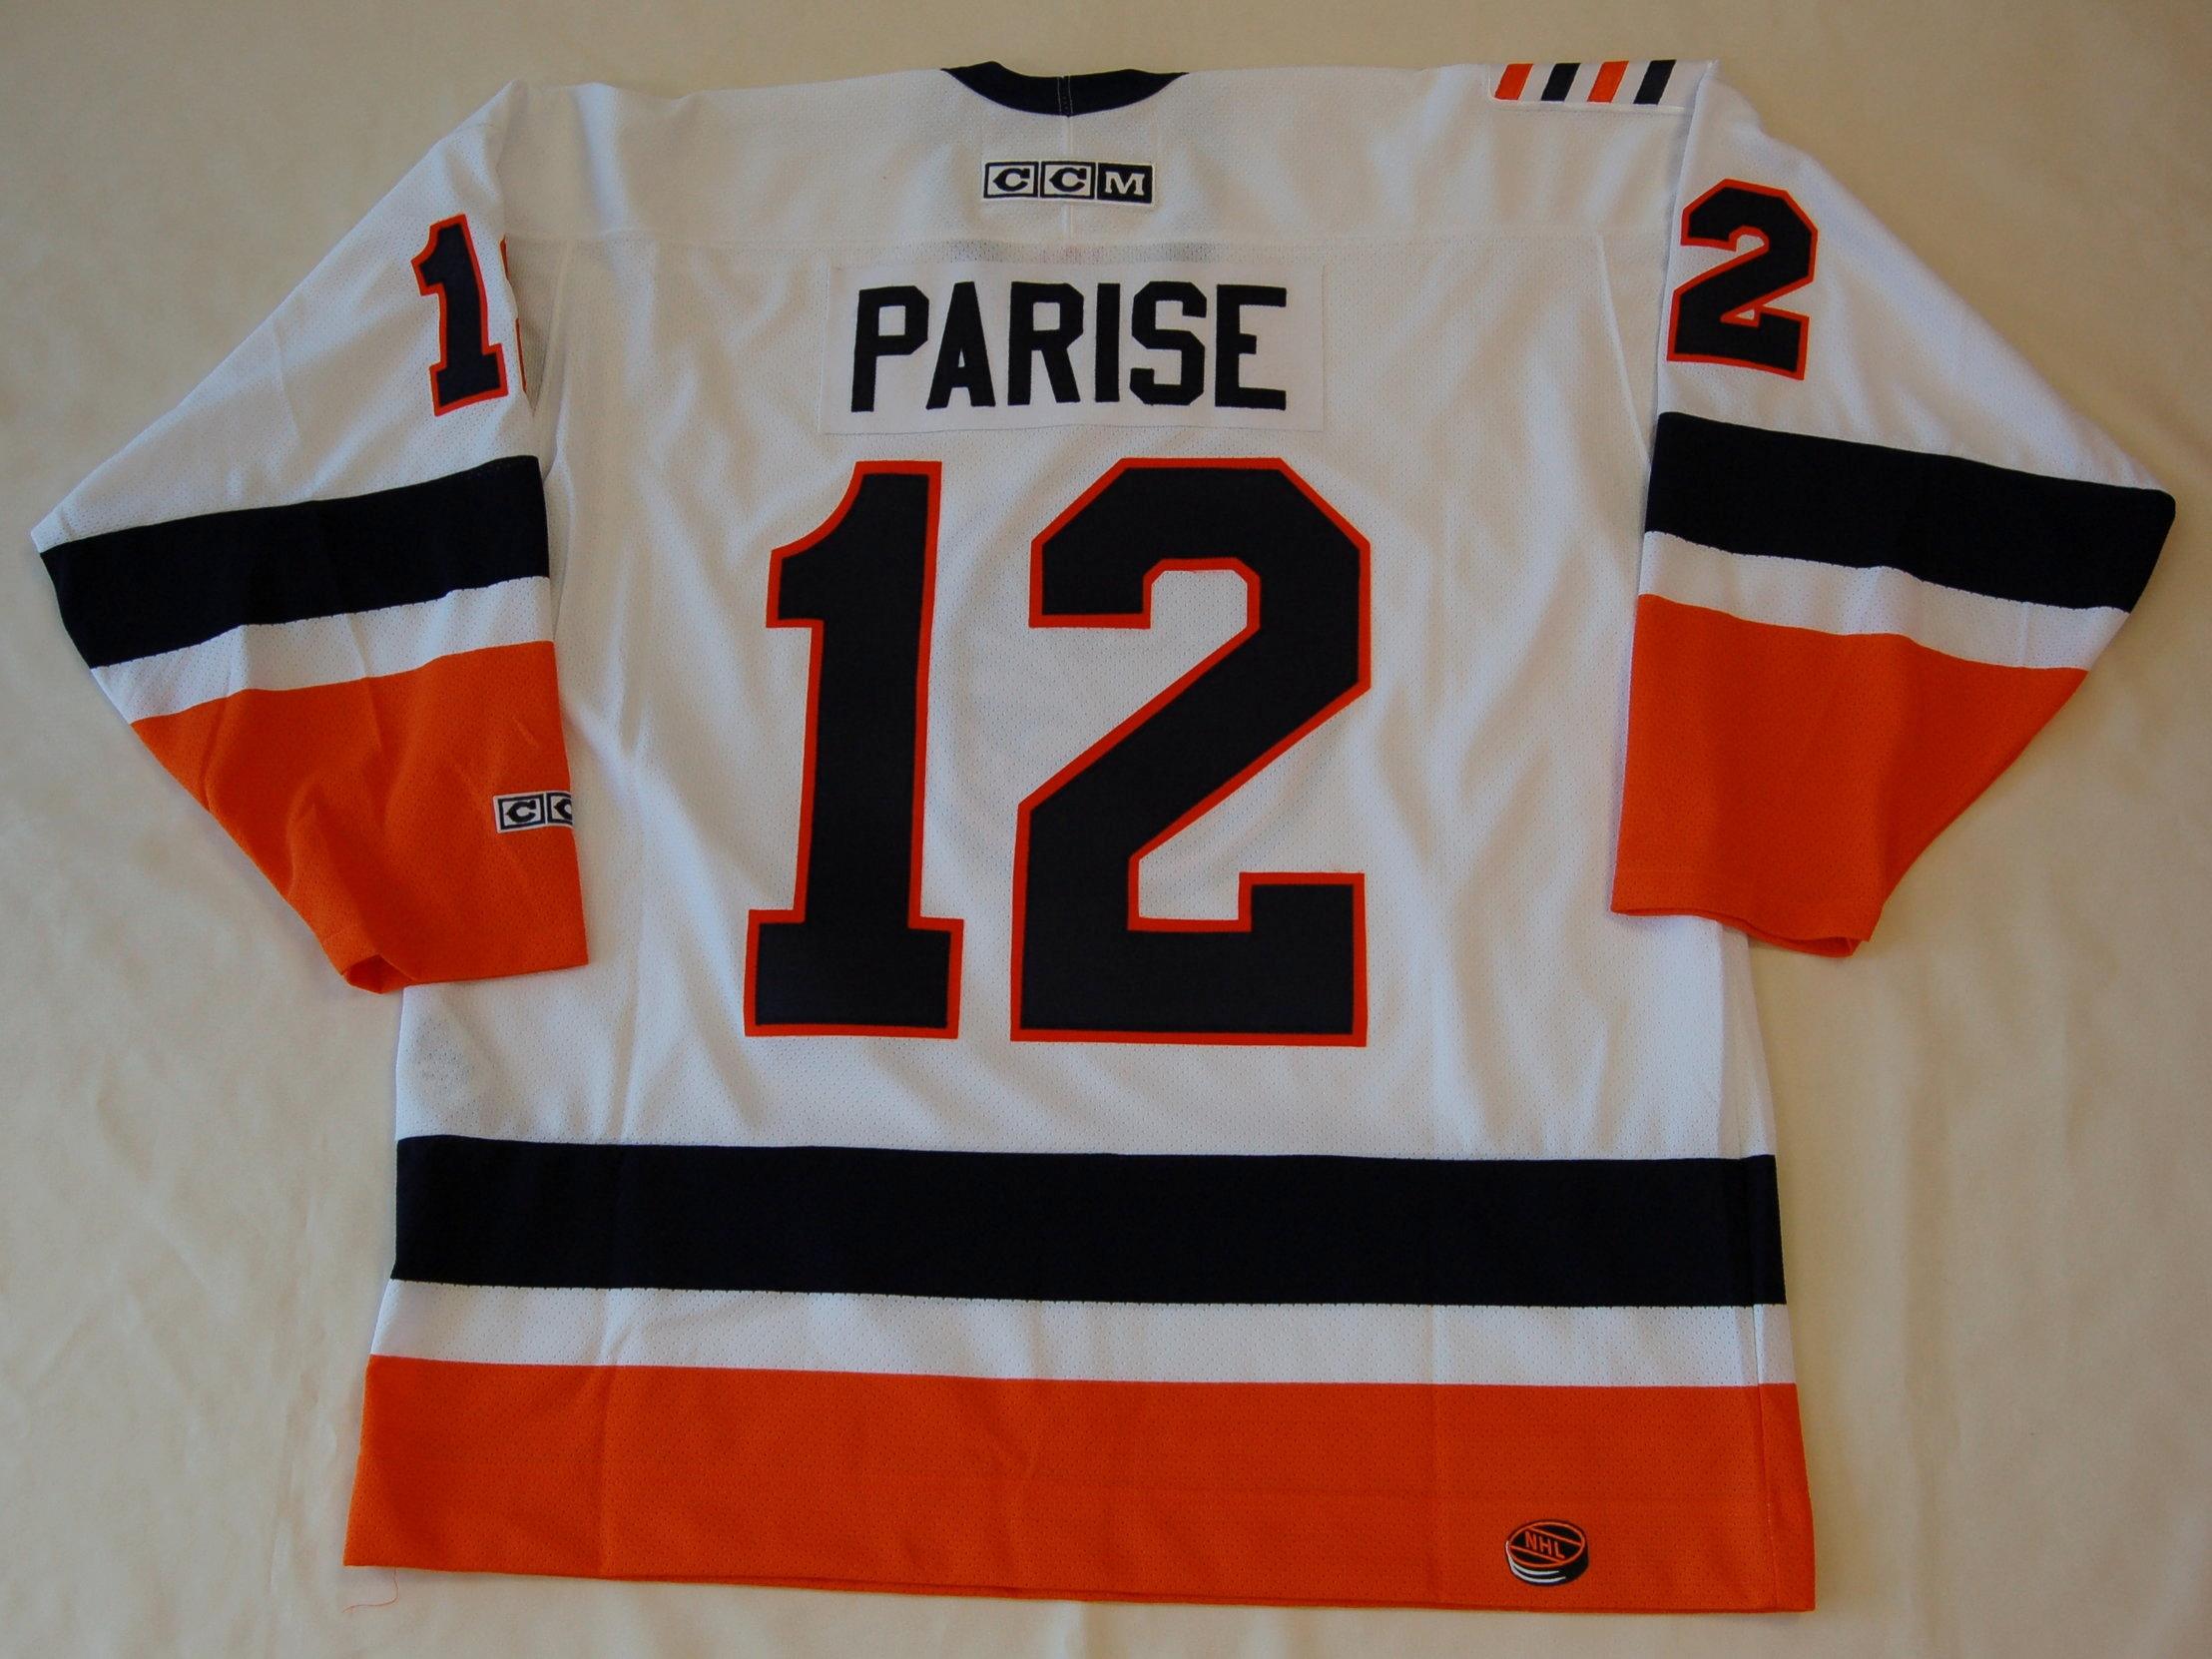 NY Islanders - PARISE 12